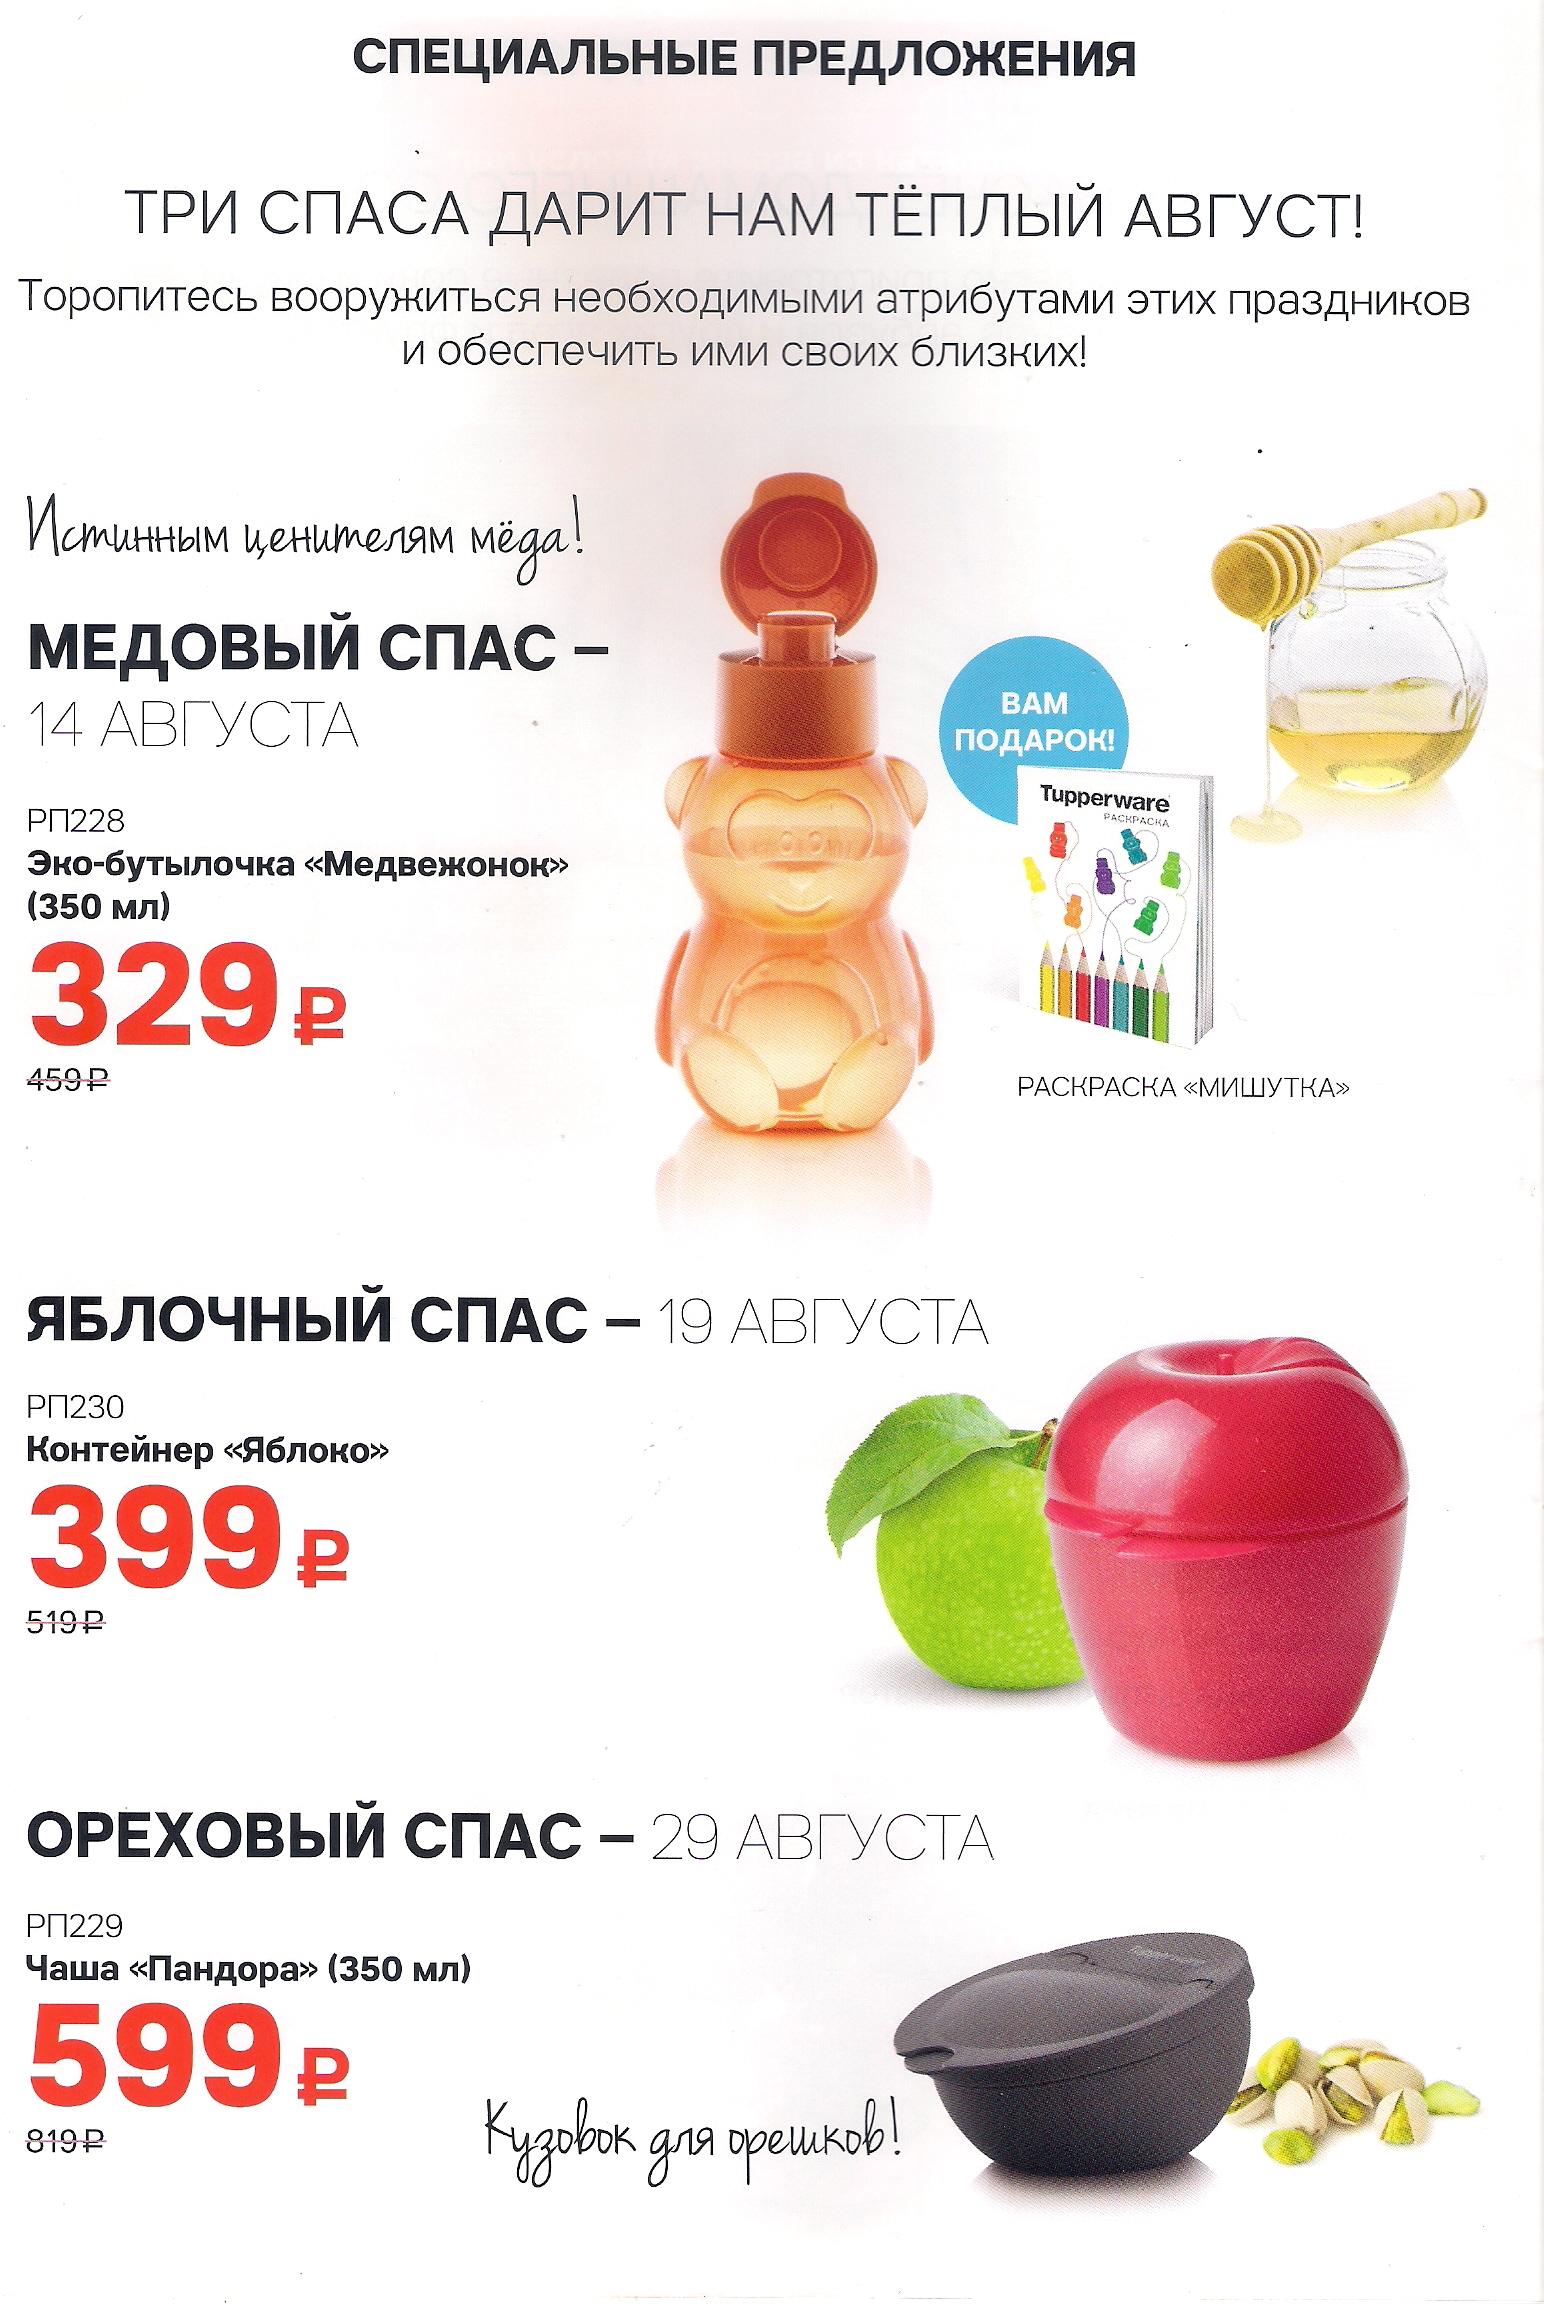 https://tupperware-online.ru/images/upload/19n.jpg